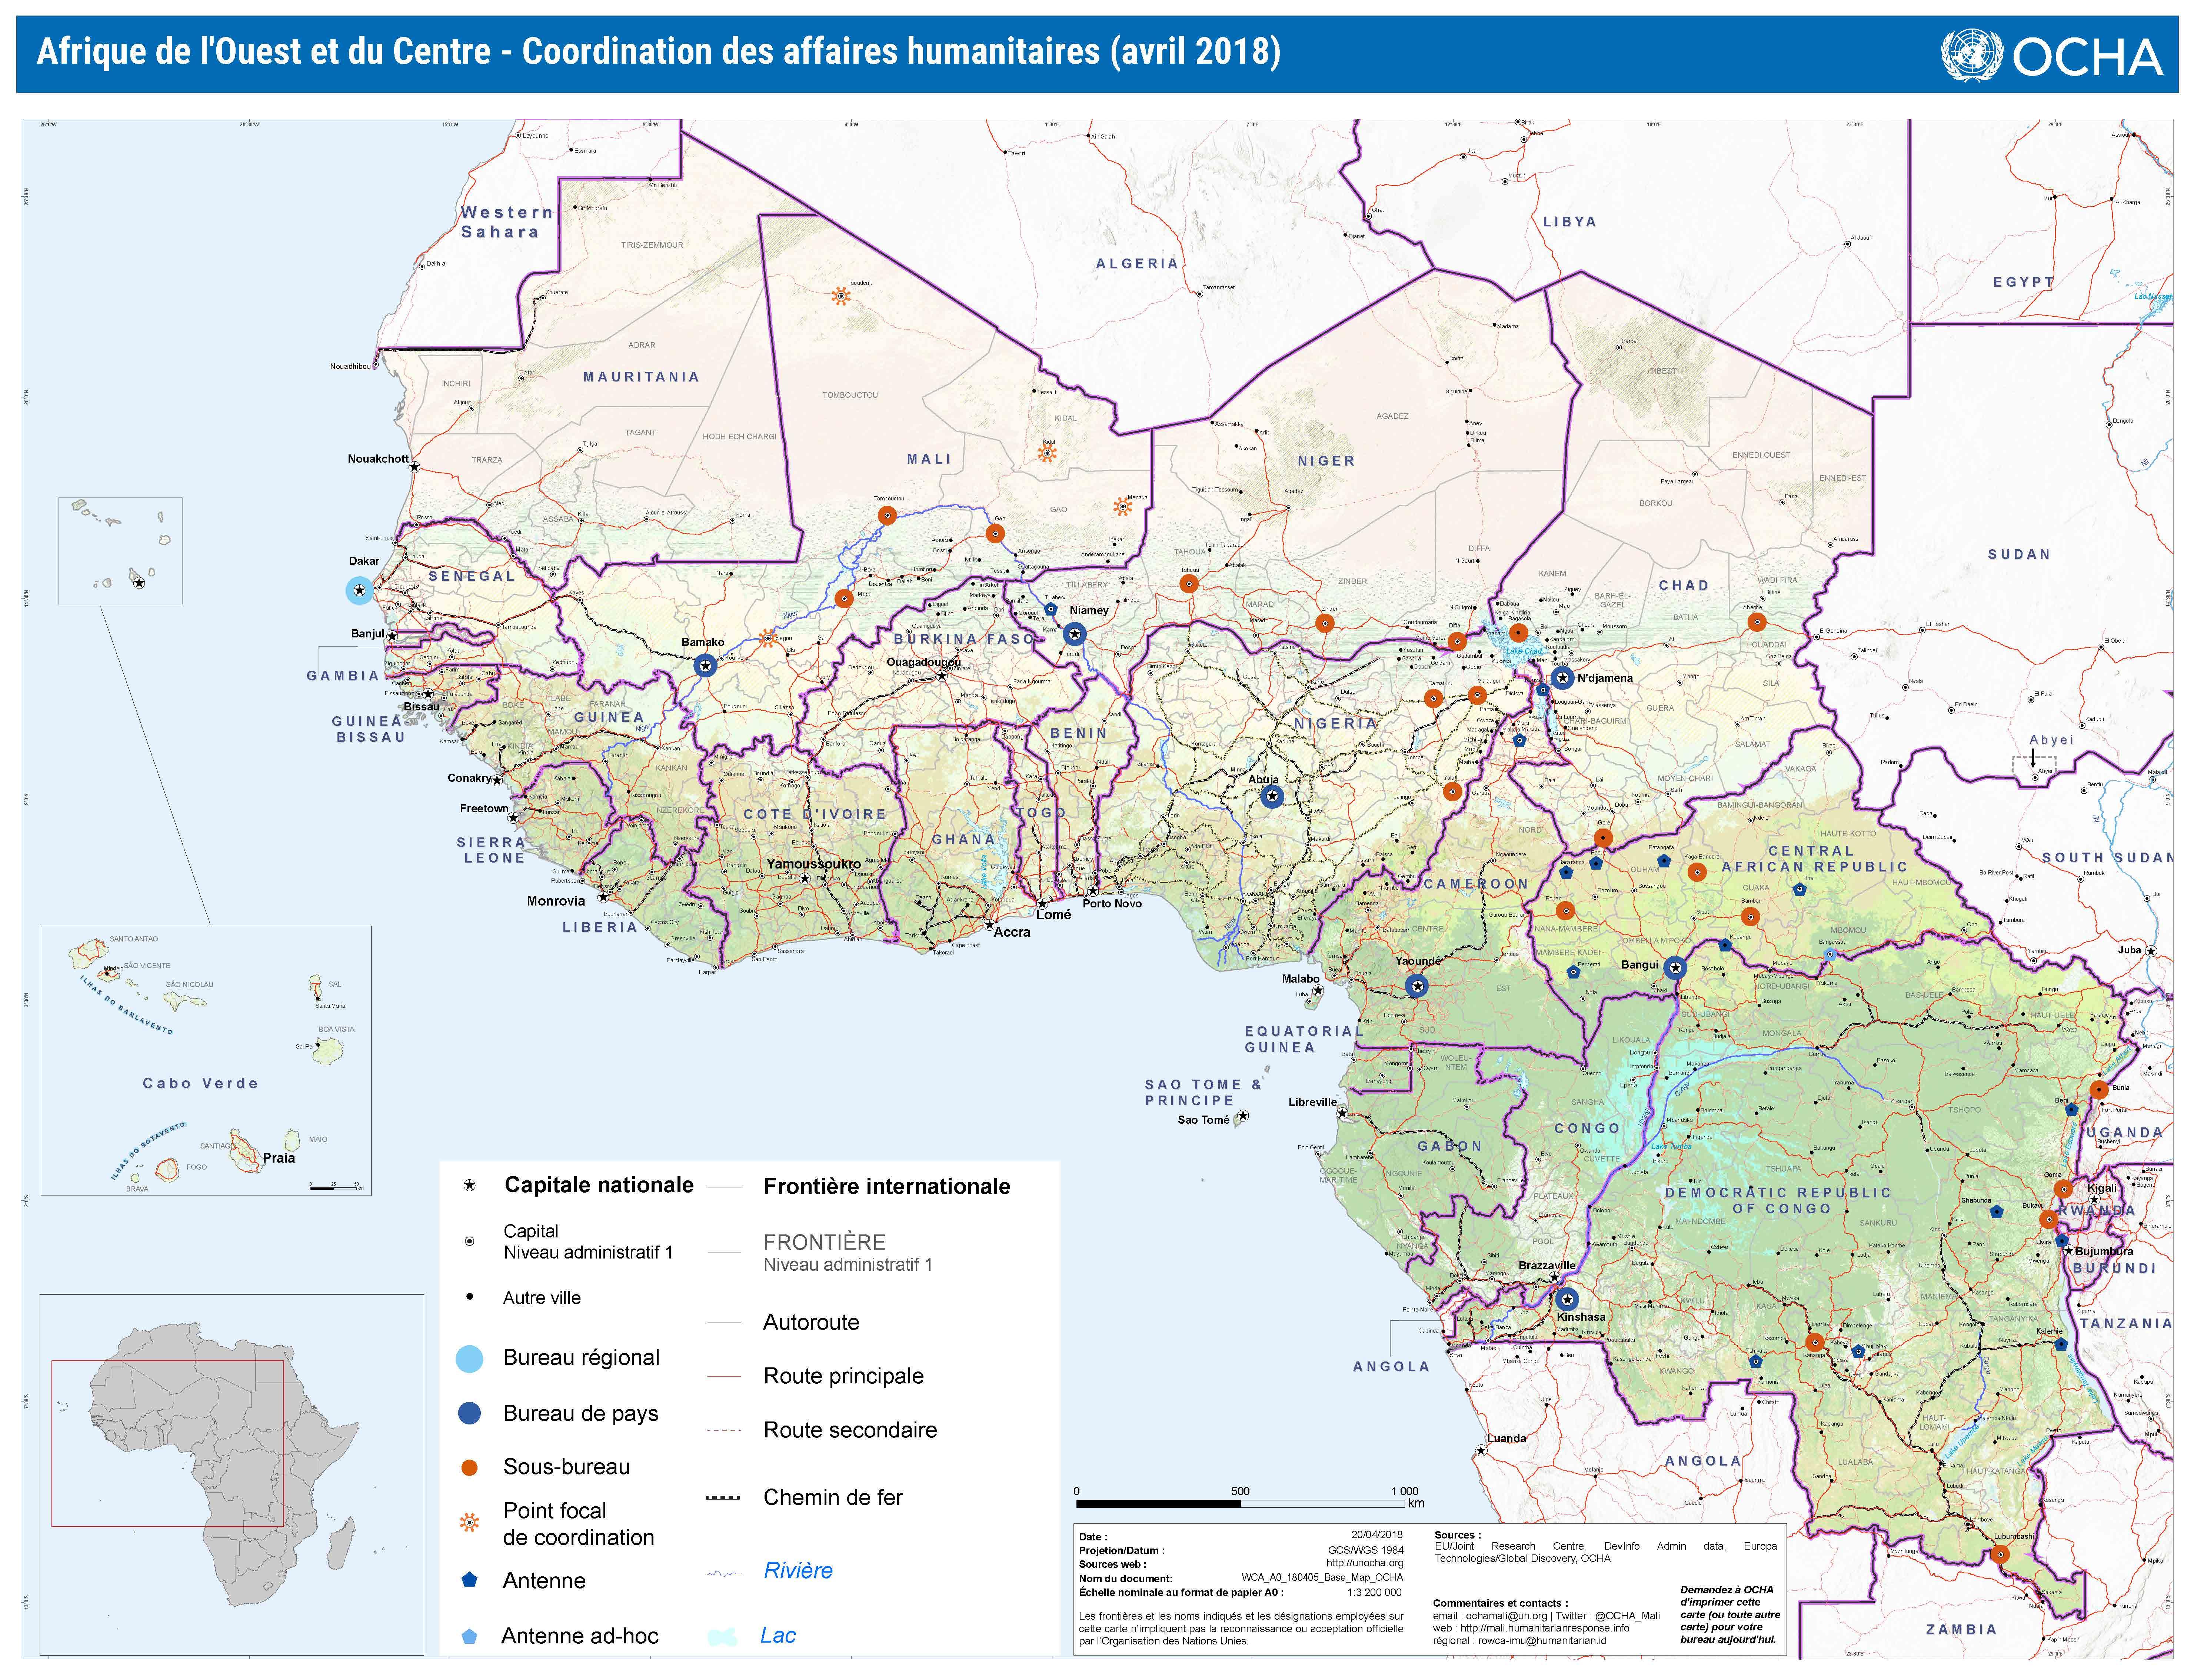 carte de l 39 afrique de l 39 ouest et du centre coordination des affaires humanitaires avril 2018. Black Bedroom Furniture Sets. Home Design Ideas